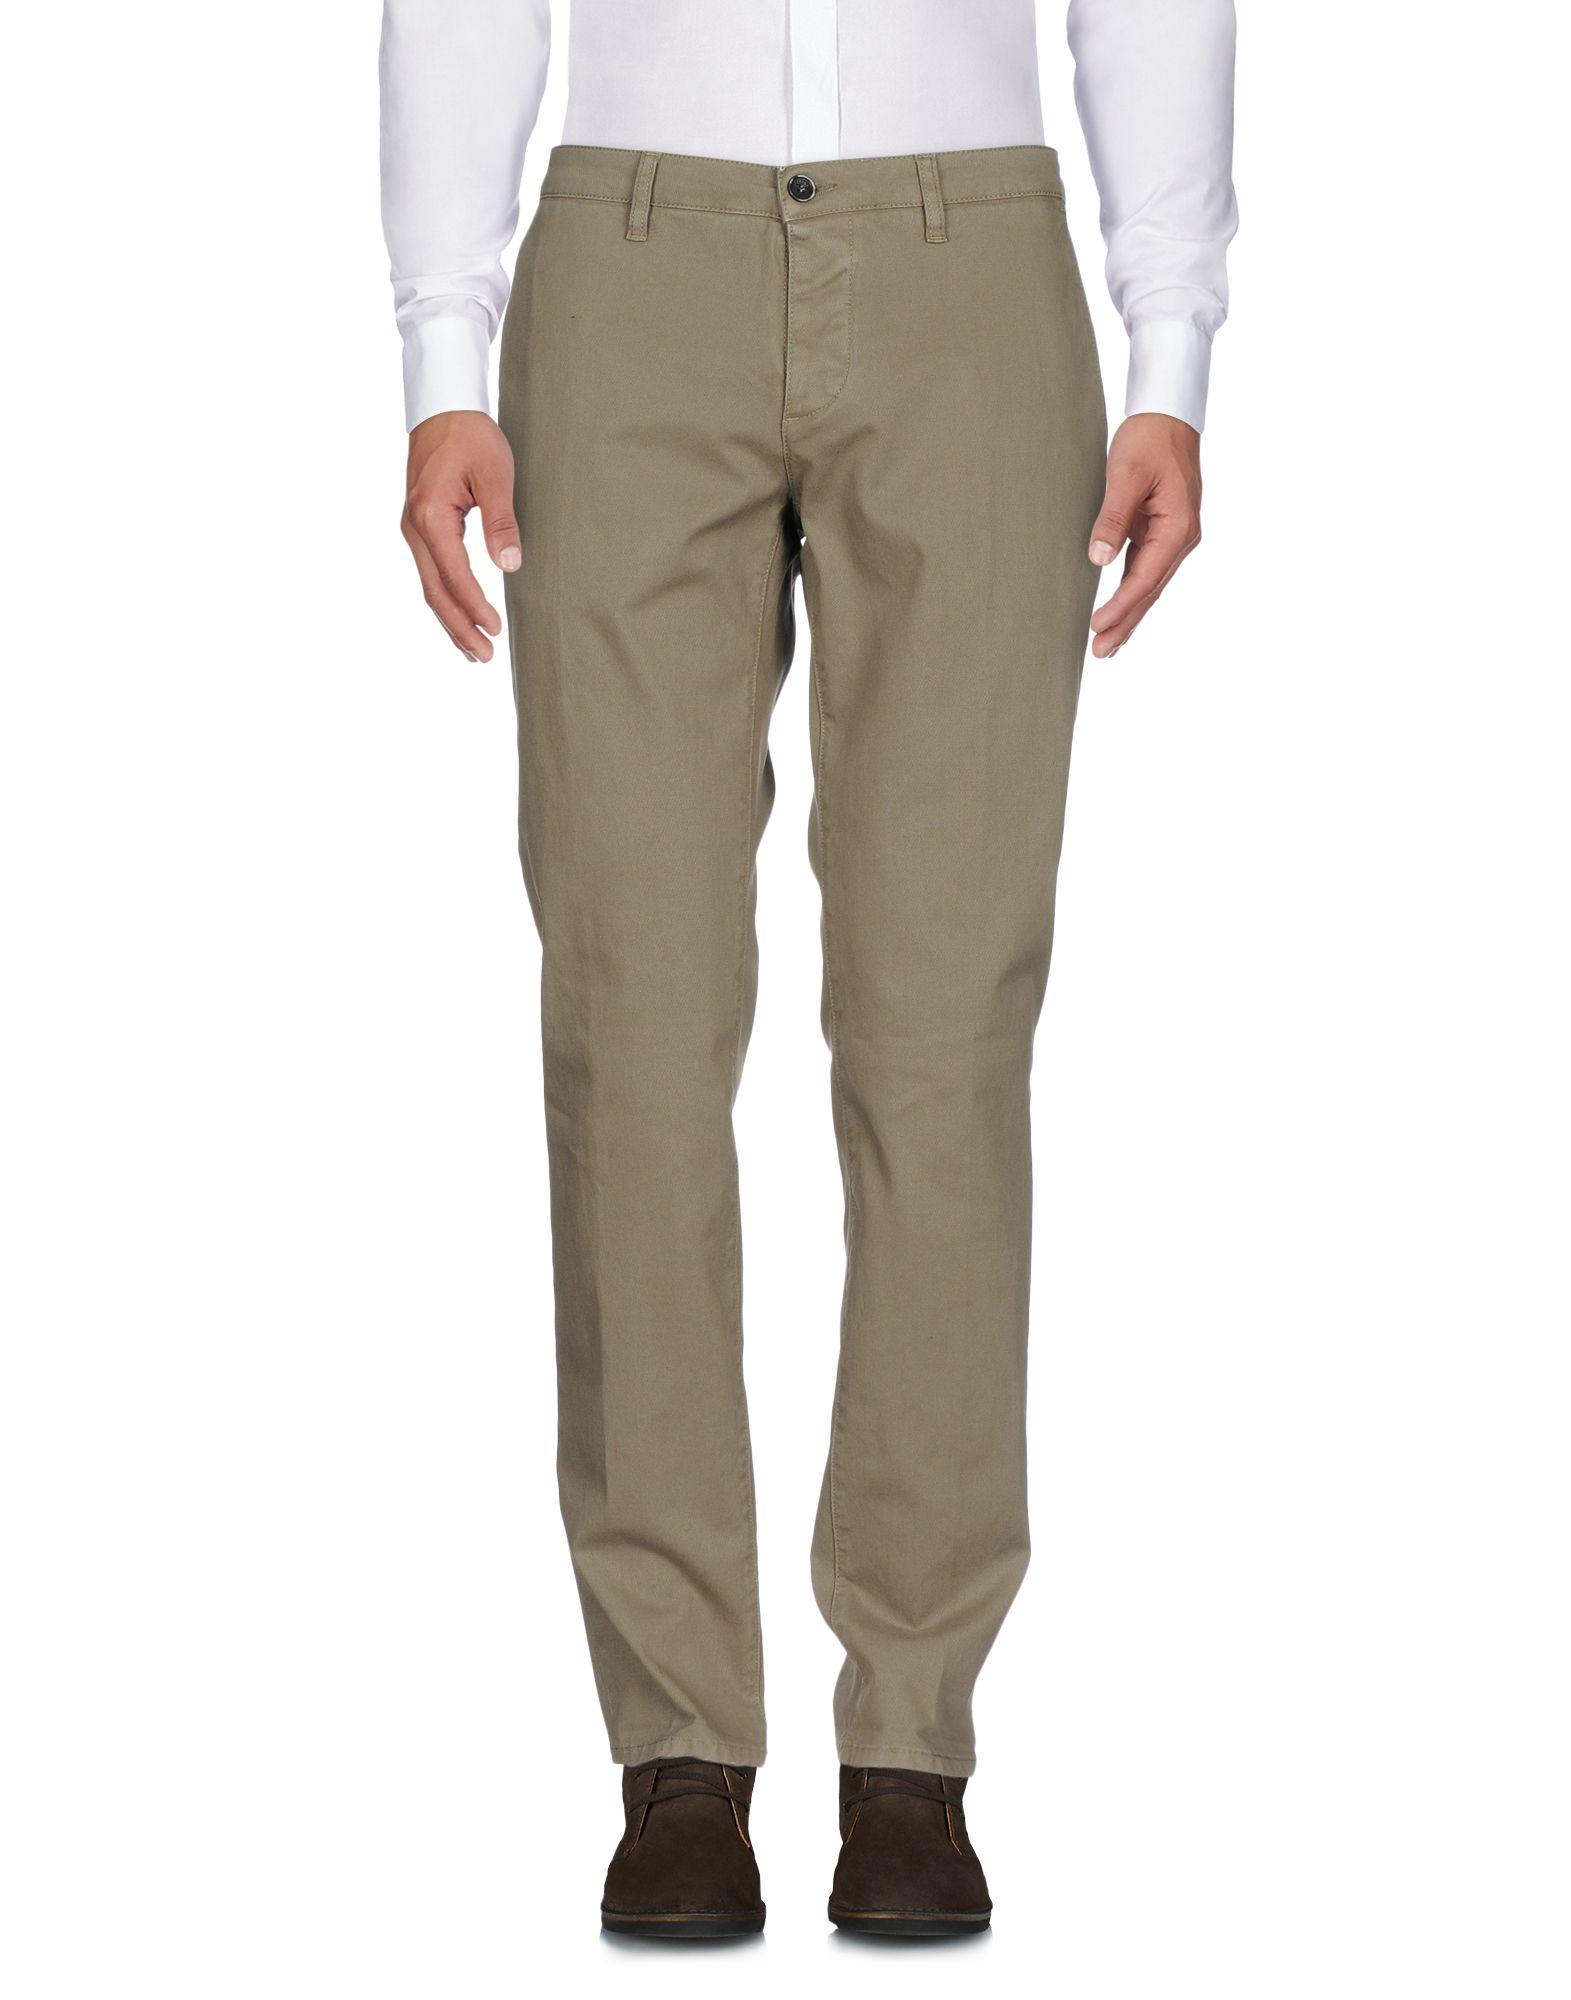 CRUNA Повседневные брюки брюки для беременных topshop 4 22